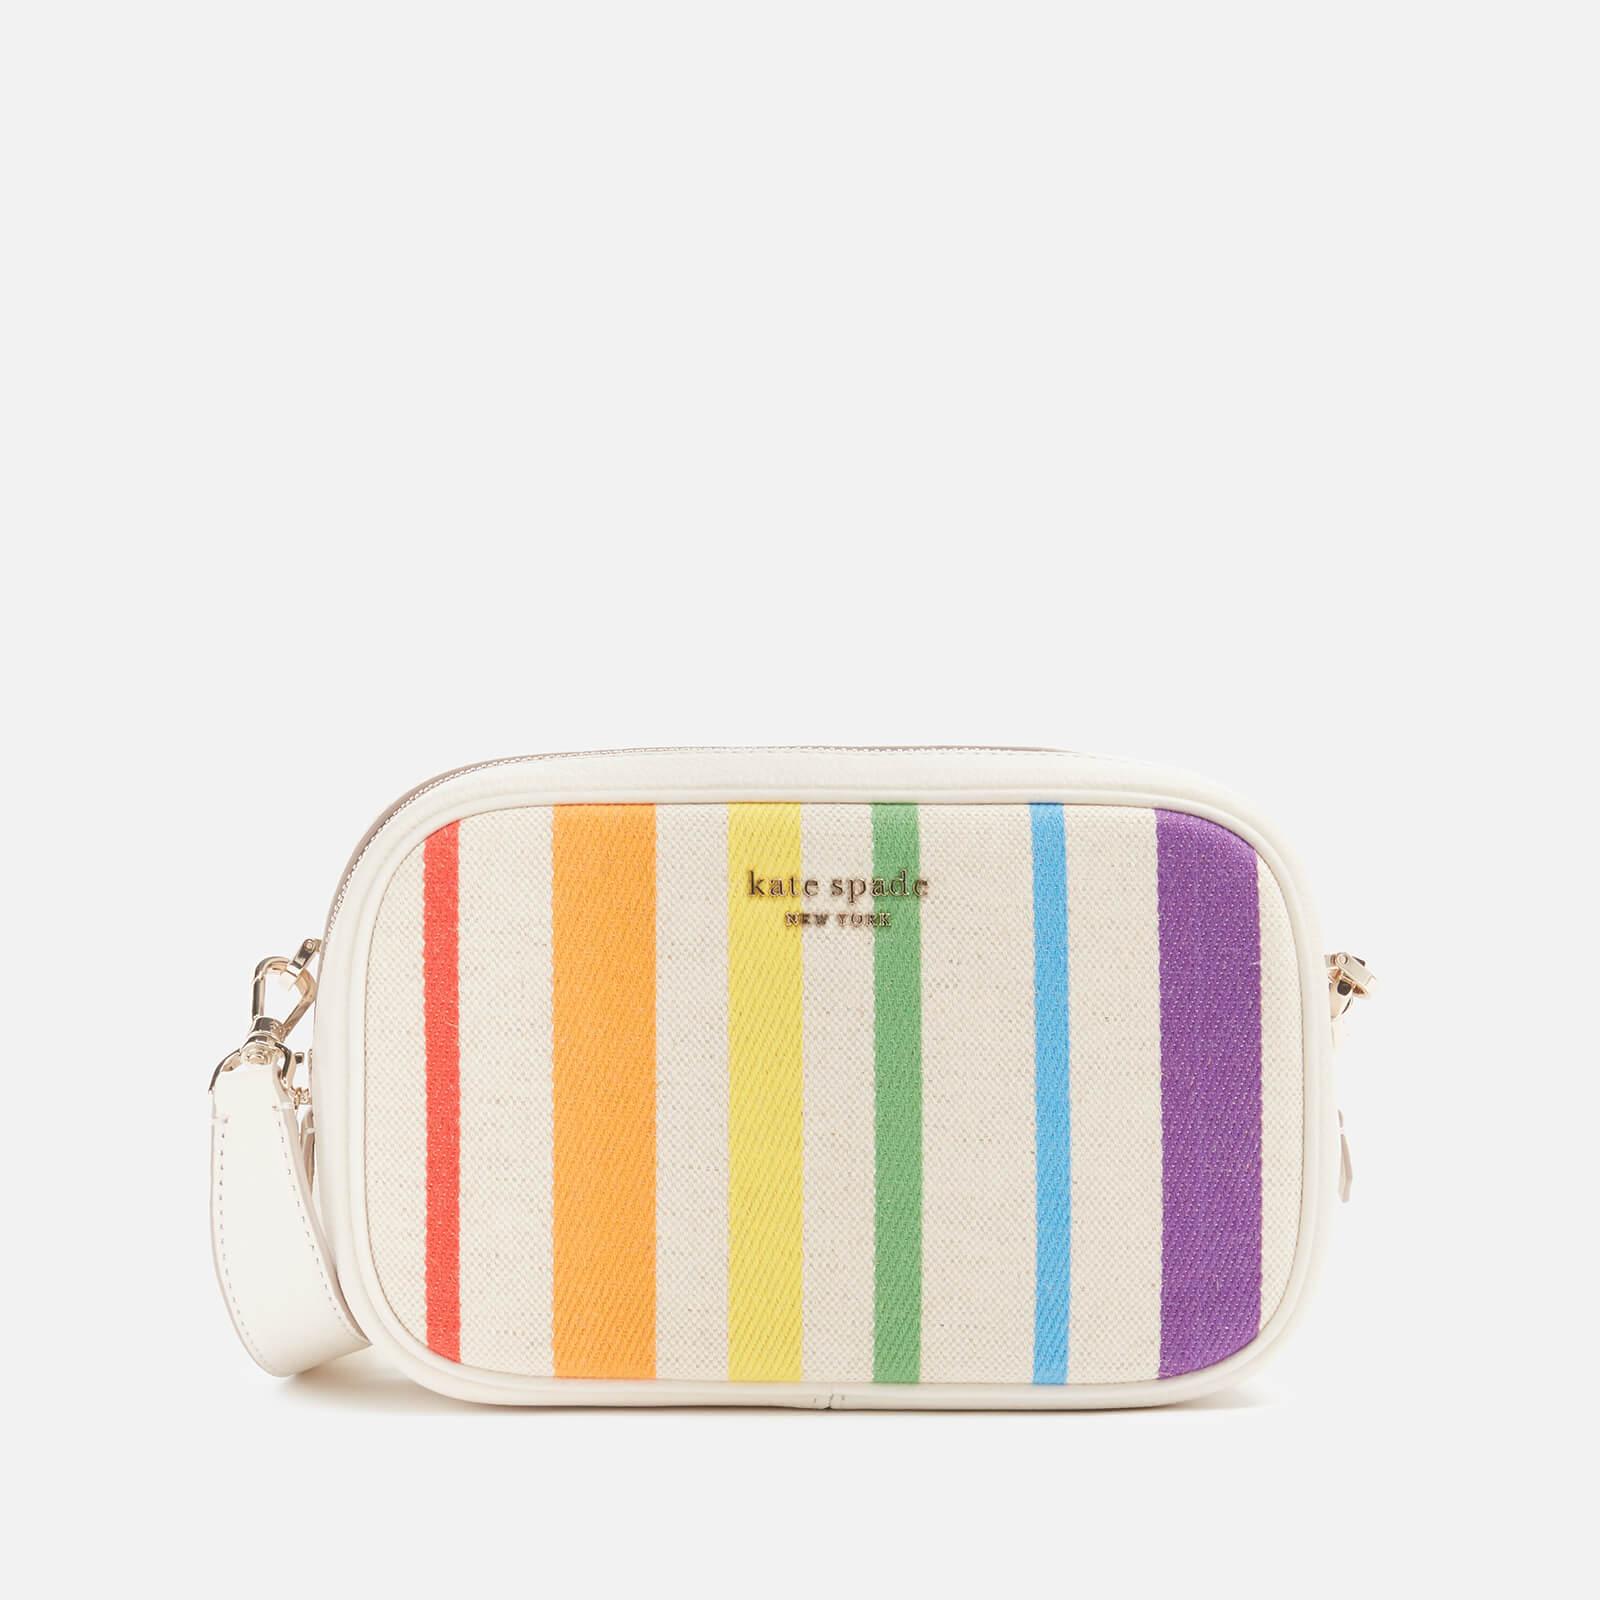 Kate Spade New York Women's Pride Medium Camera Bag - Multi